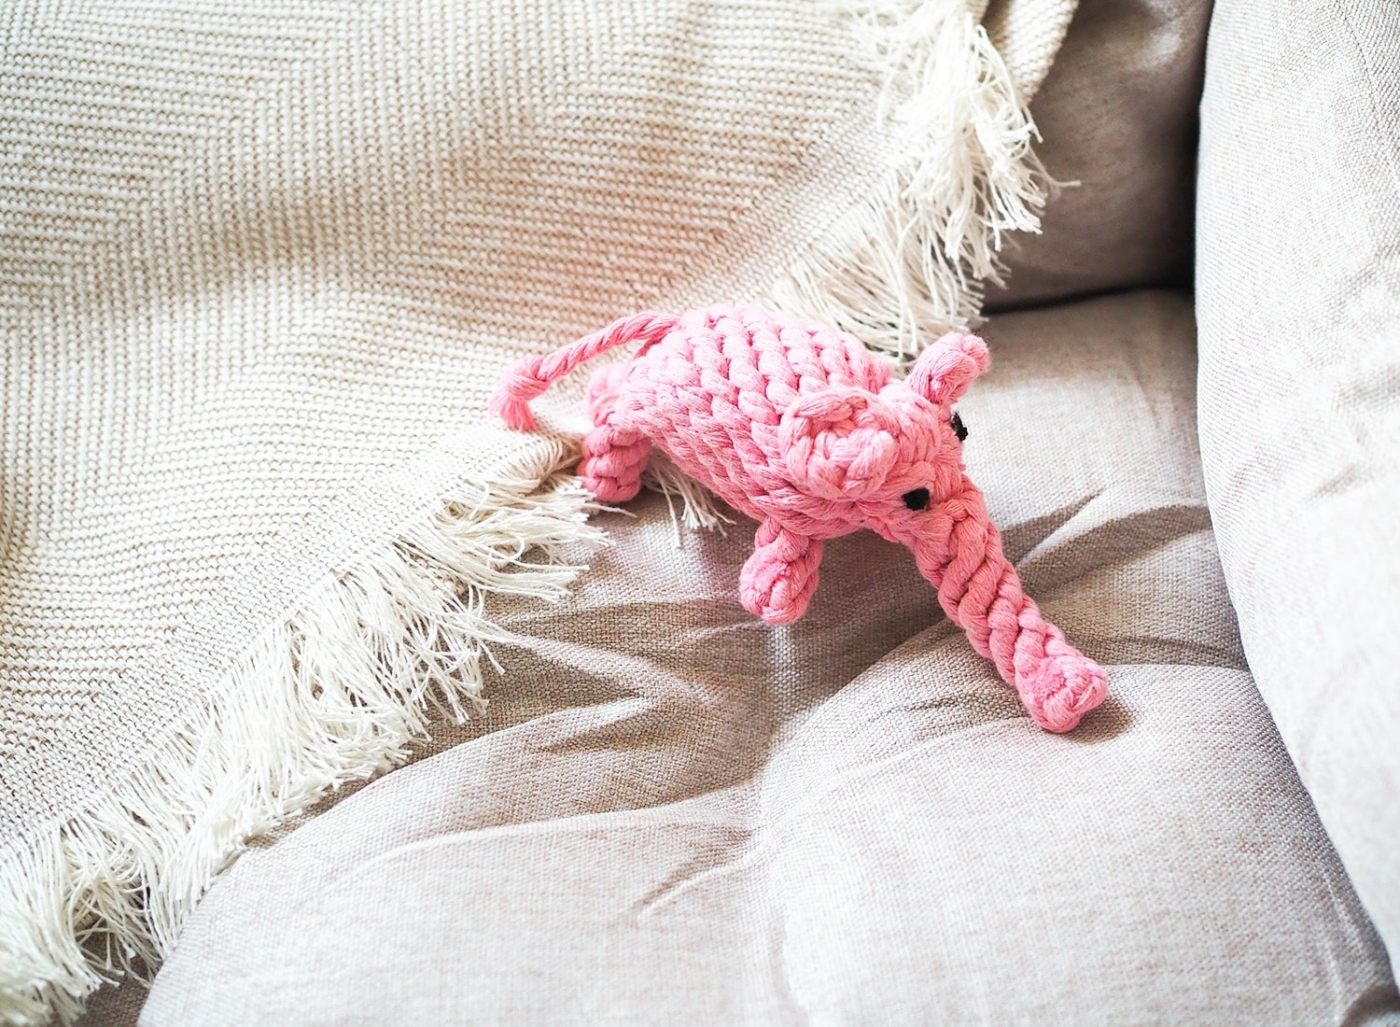 Natürliches Hundespielzeug aus Baumwollseil zum Reiniger der Zähne des Hundes - rosa Elefant Elsa.